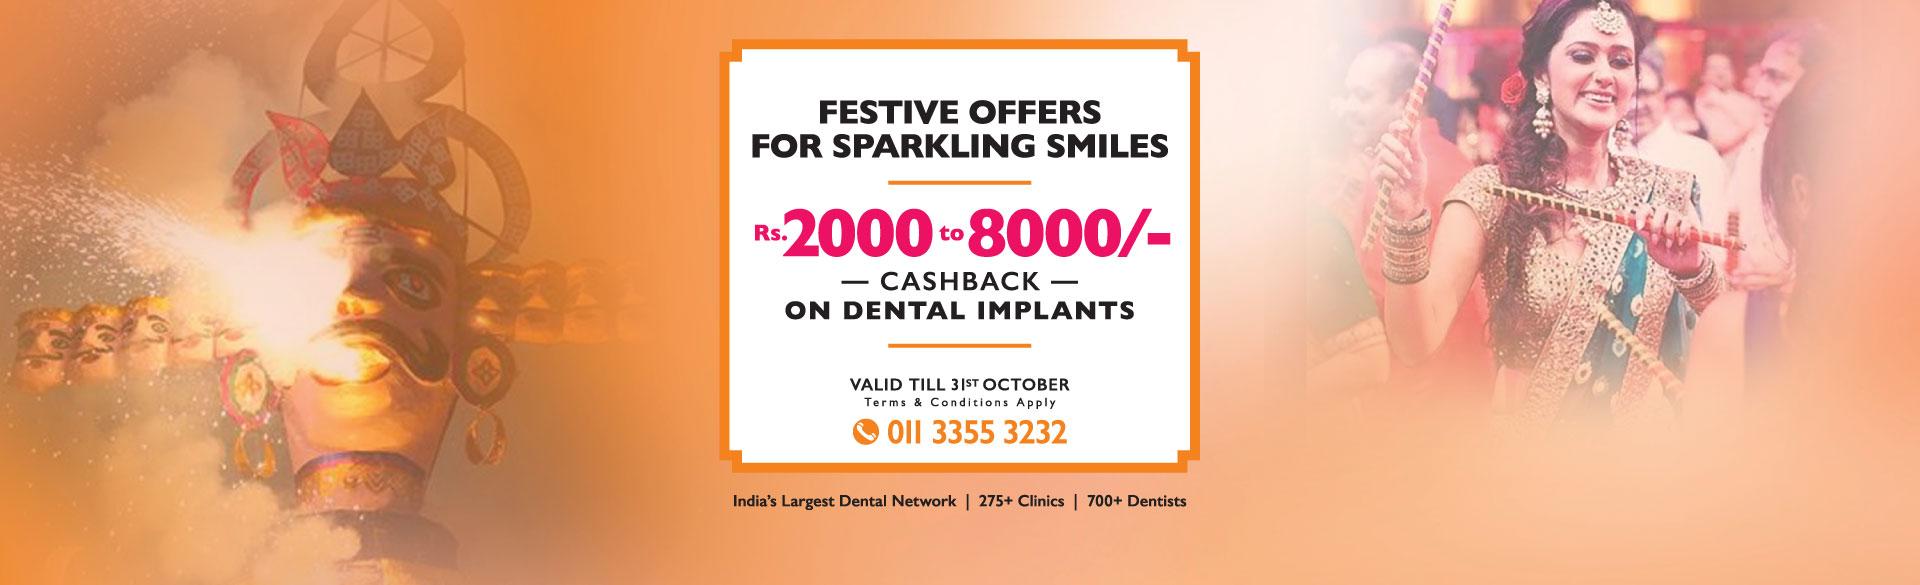 best dentist in delhi - dentist near me